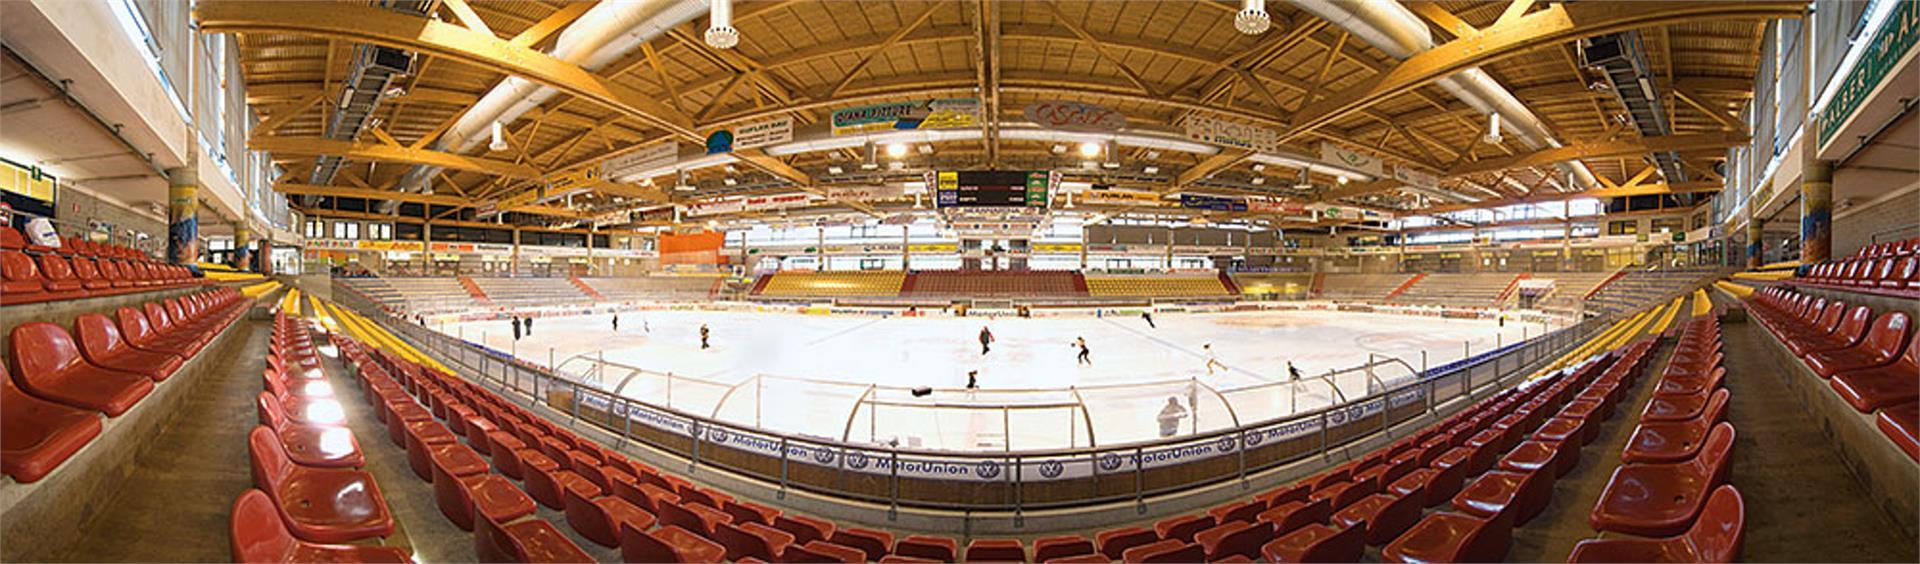 Meranarena Eishalle